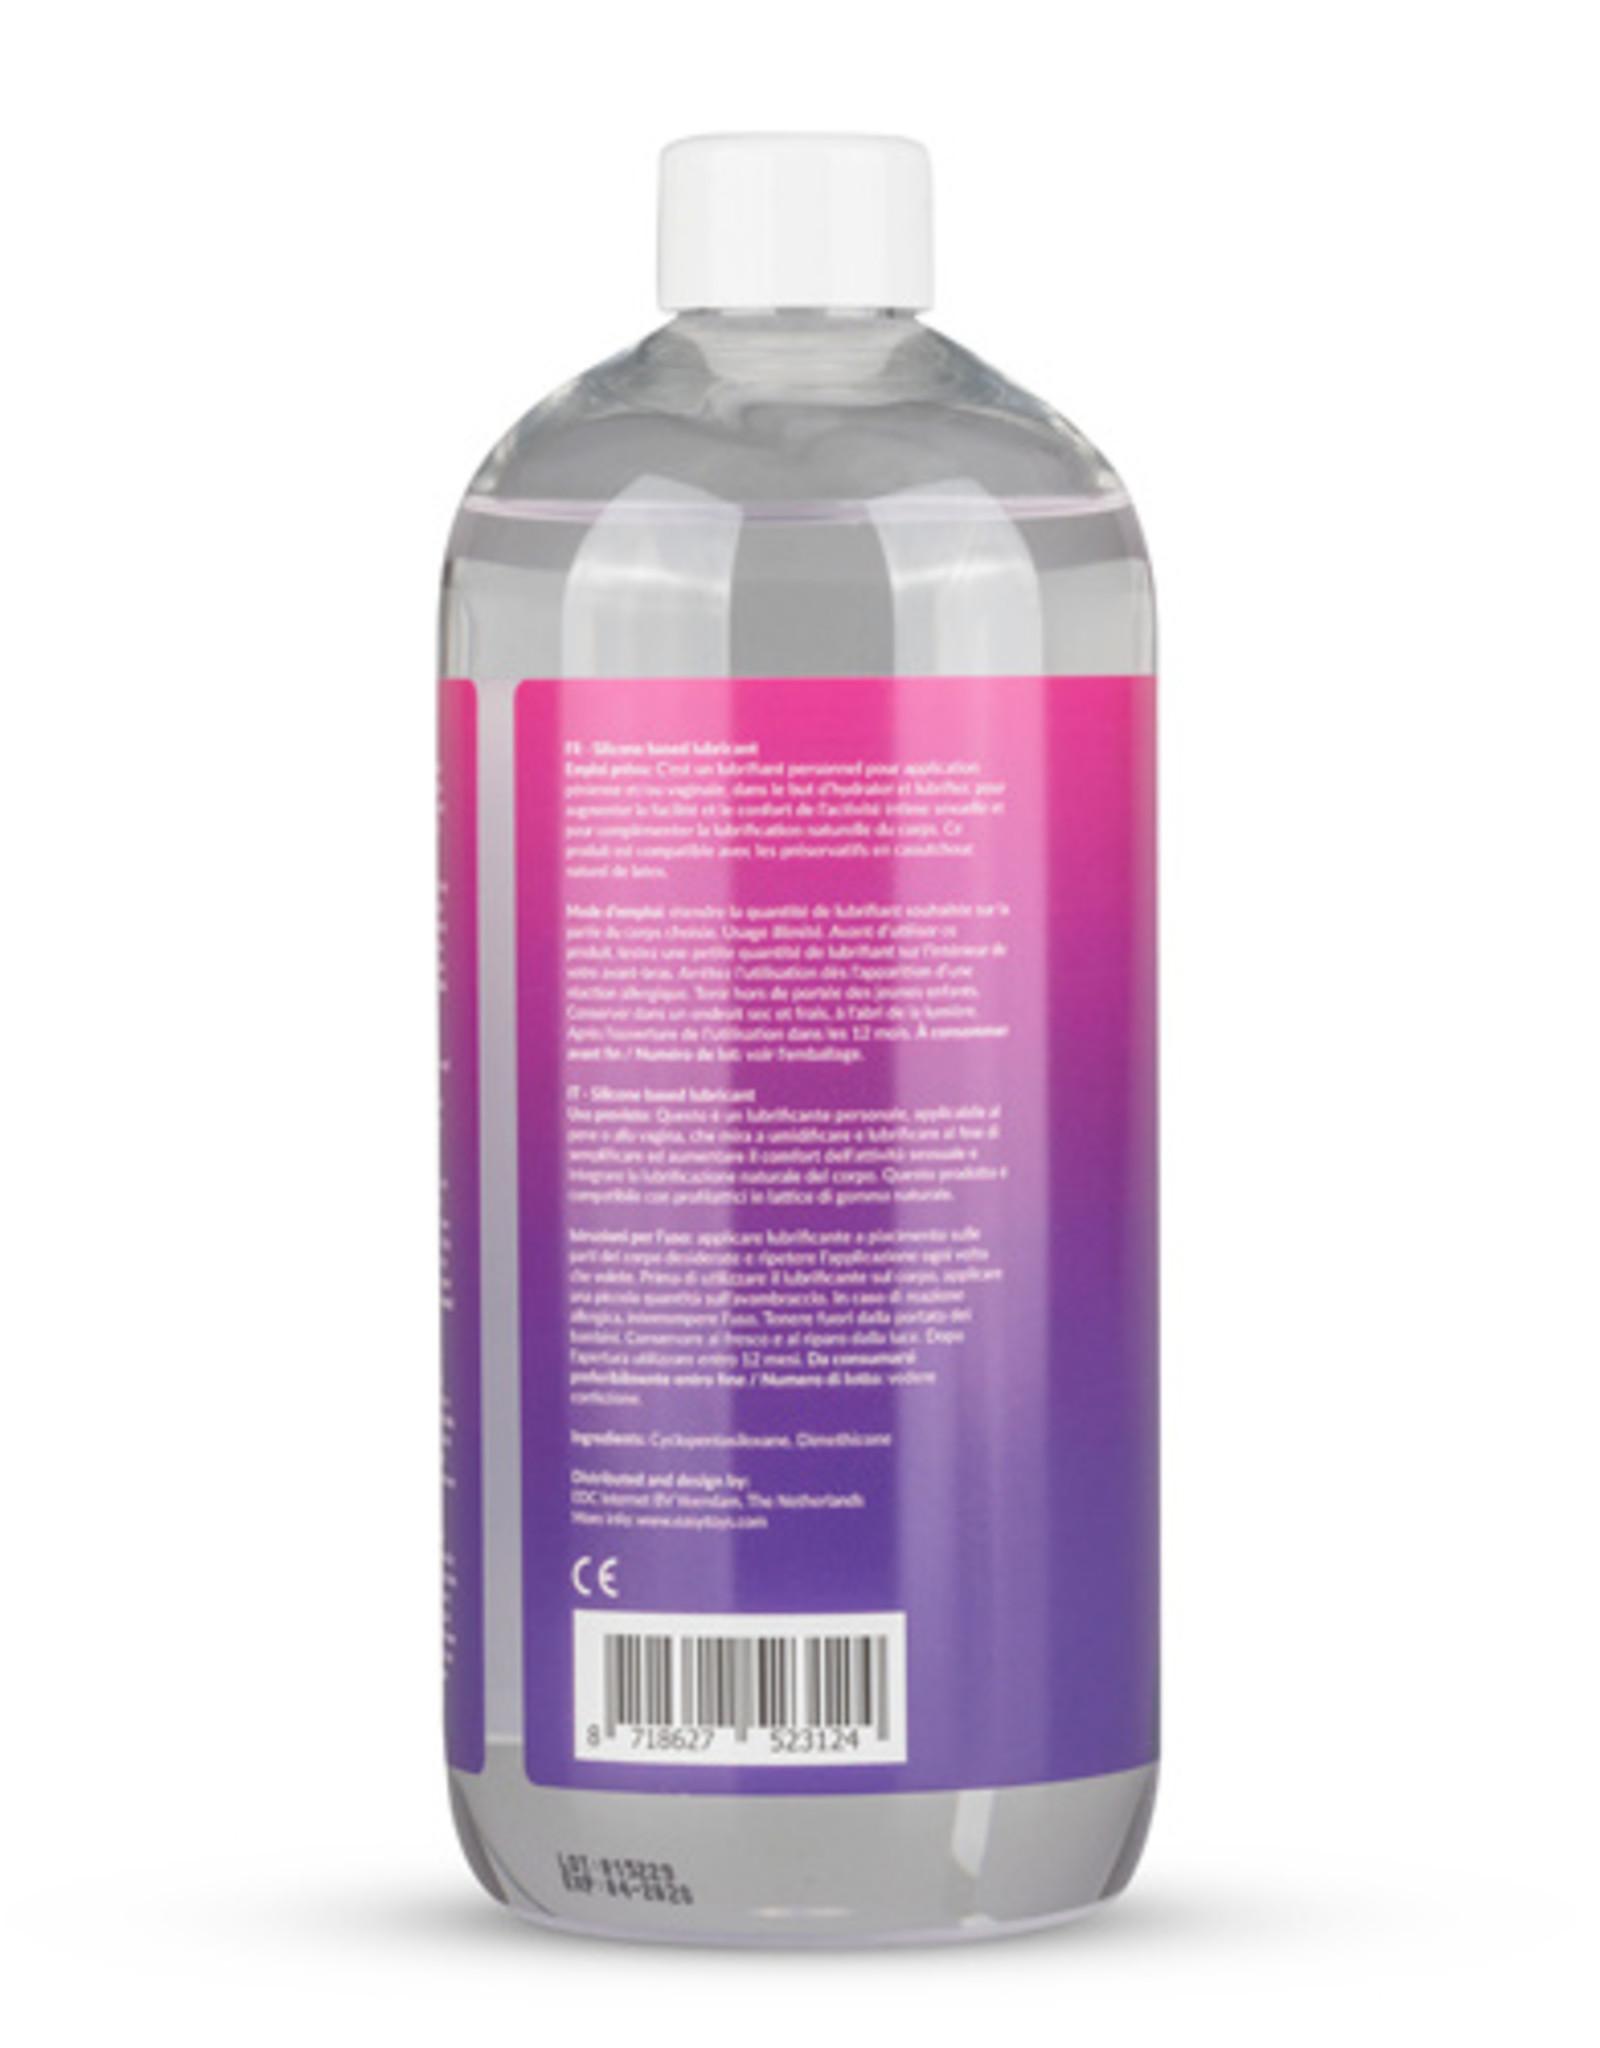 EasyGlide EasyGlide Siliconen Glijmiddel 500 ml